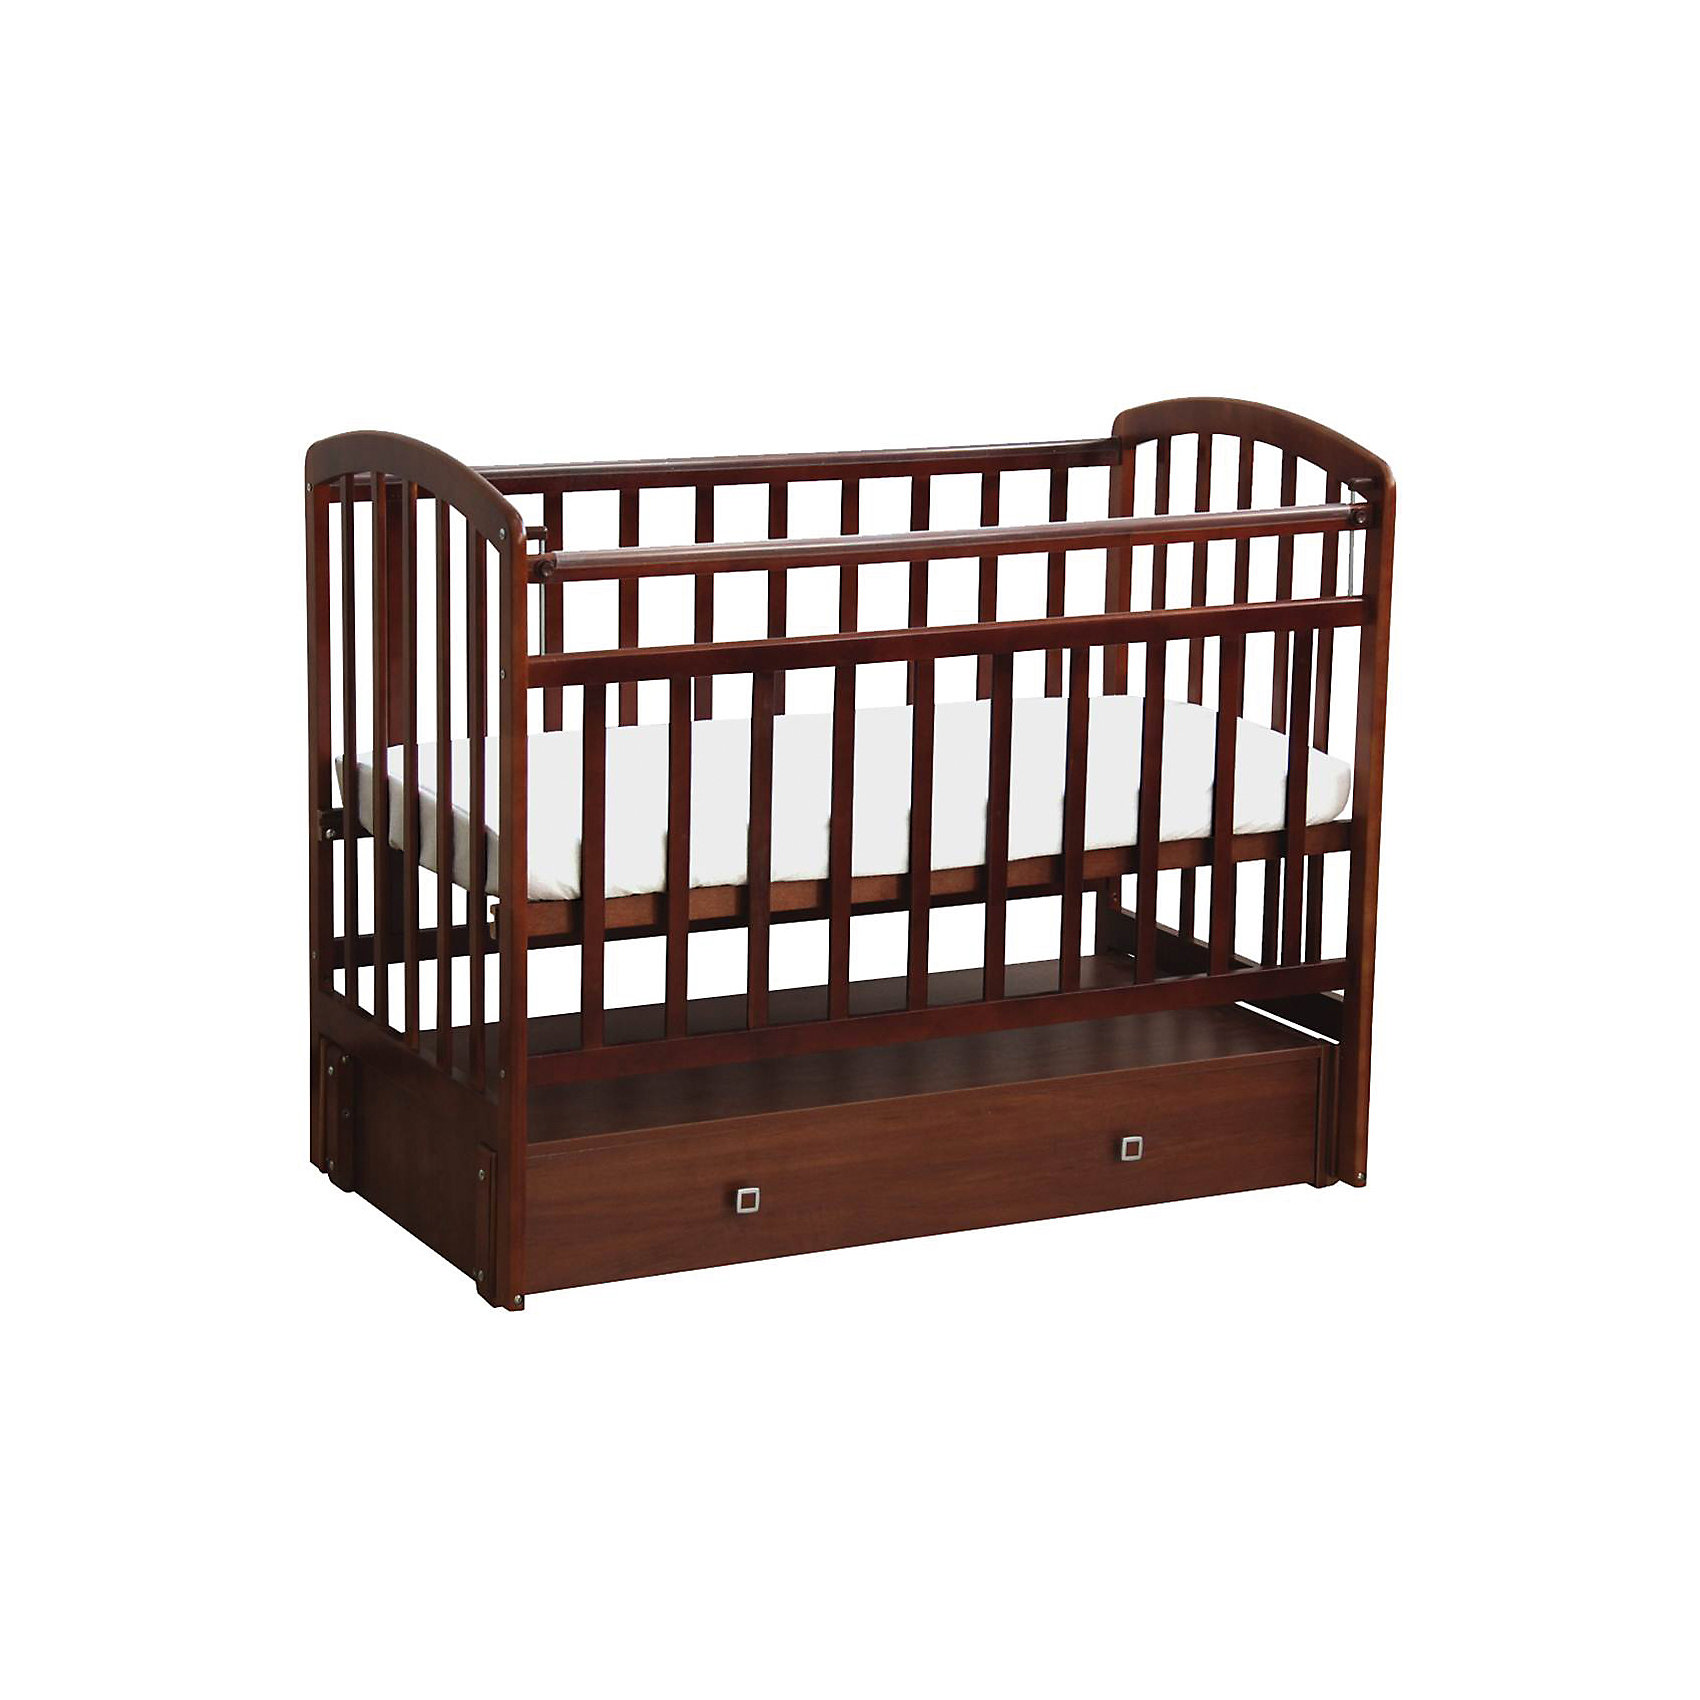 Кроватка 313, продольный маятник, Фея, палисандрКроватки<br>Хорошая детская мебель всегда отличается от взрослой, так как производится с учетом потребностей малышей. Данная кроватка обеспечит удобство и ребенку и маме - она имеет удобный механизм опускания передней планки и пластиковые накладки.<br>В этой модели - маятниковый механизм продольного качания, также есть удобный ящик. Кроватка сделана из качественного дерева, покрытого лаком. Цвет - универсальный, подойдет практически для любого интерьера. Все материалы тщательно подобраны специалистами и безопасны для детей.<br><br>Дополнительная информация:<br><br>цвет: палисандр;<br>материал: дерево, лак;<br>передняя планка удобно опускается;<br>выдвижной ящик;<br>ложе имеет 2 положения;<br>пластиковые накладки;<br>размер: 125 х 75 х 104 см ;<br>ложе: 60 на 120 см;<br>вес: 30 кг.<br><br>Кроватку 313 торговой марки Фея можно купить в нашем магазине.<br><br>Ширина мм: 750<br>Глубина мм: 1037<br>Высота мм: 1265<br>Вес г: 30500<br>Возраст от месяцев: 0<br>Возраст до месяцев: 36<br>Пол: Унисекс<br>Возраст: Детский<br>SKU: 4873616